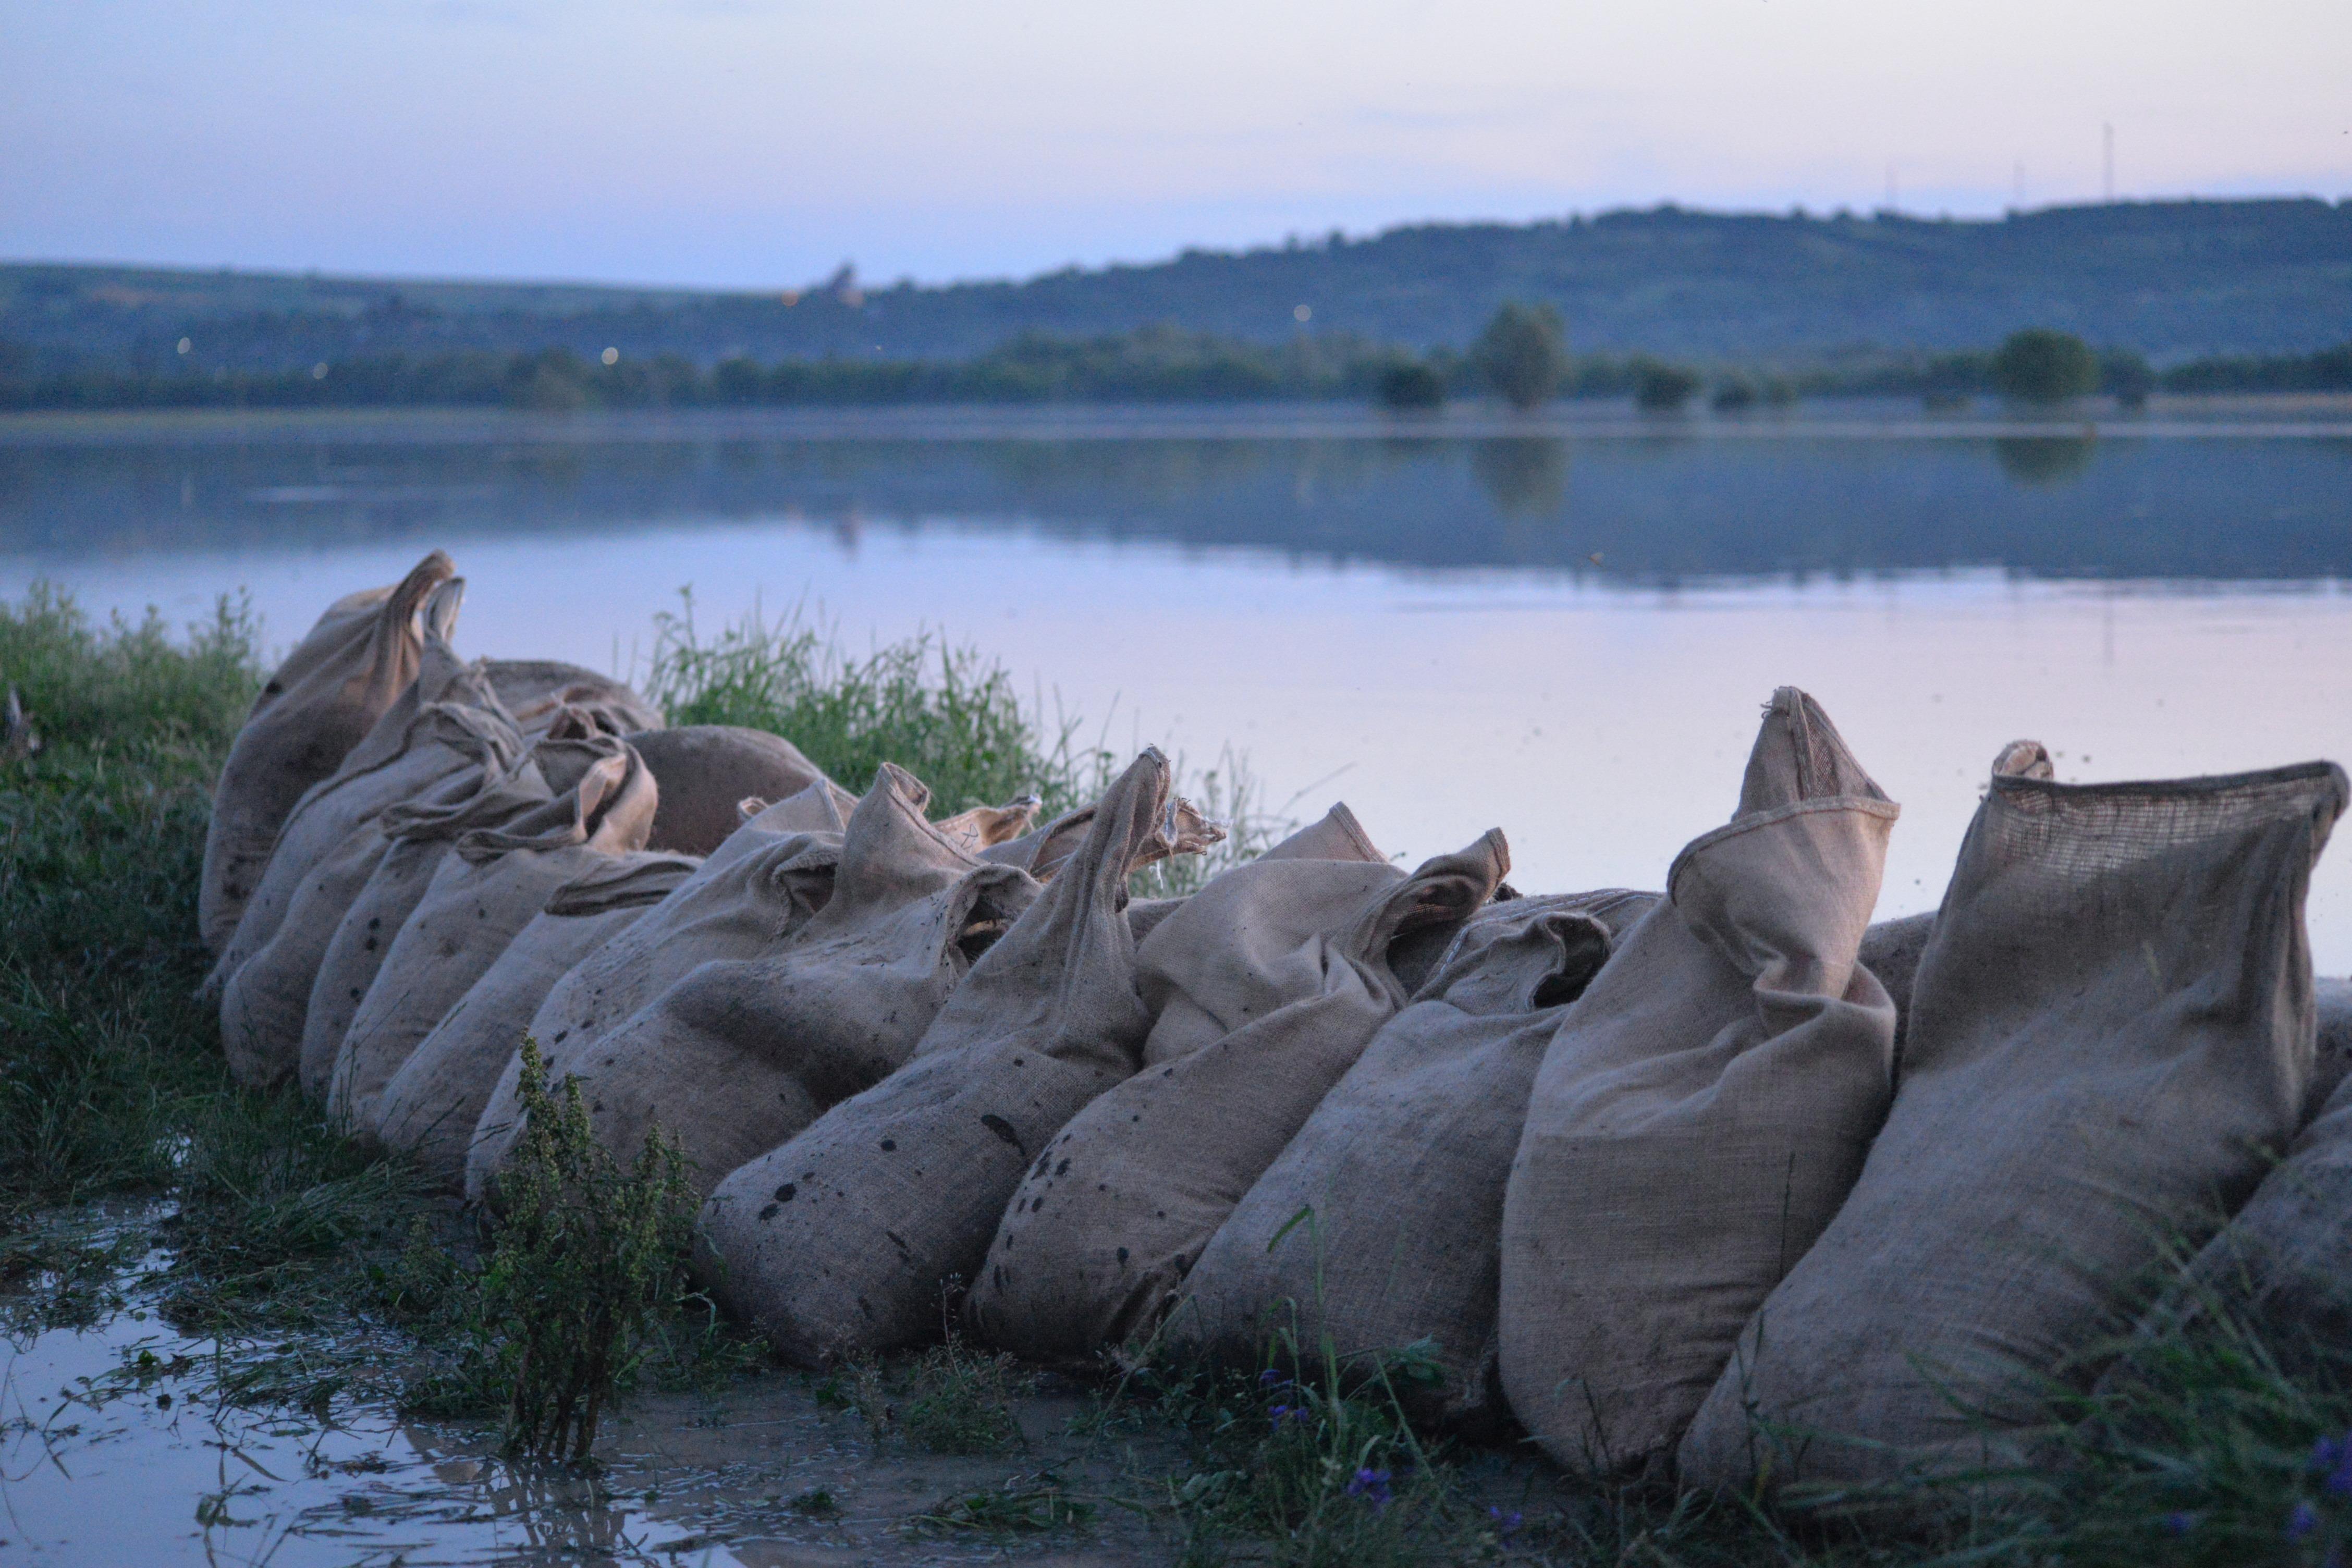 Avertizare hidrologică. Cod portocaliu de inundaţii pe râuri din Caraş-Severin şi Timiş